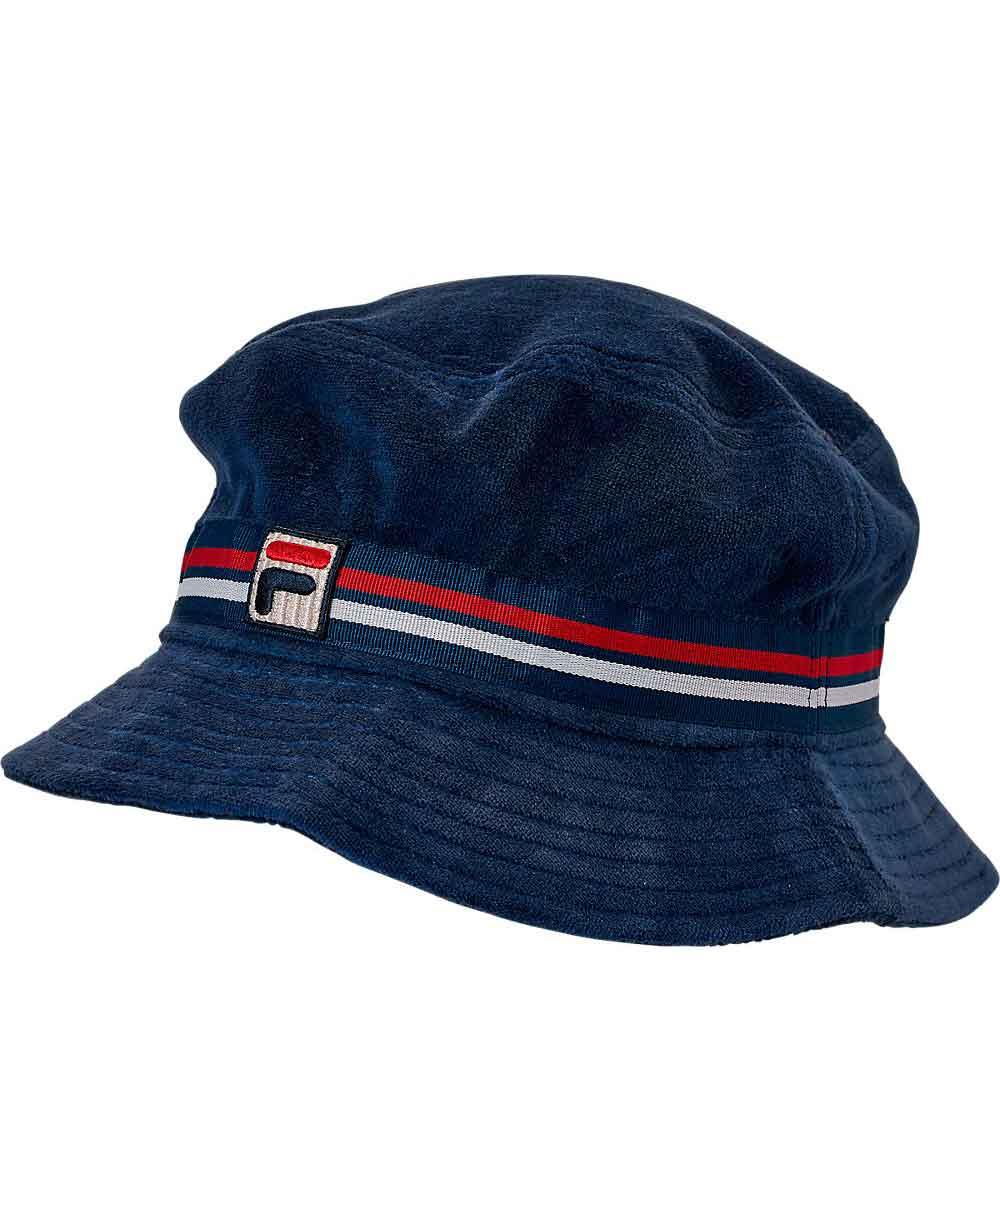 Velour Bucket Cappellino Uomo Navy